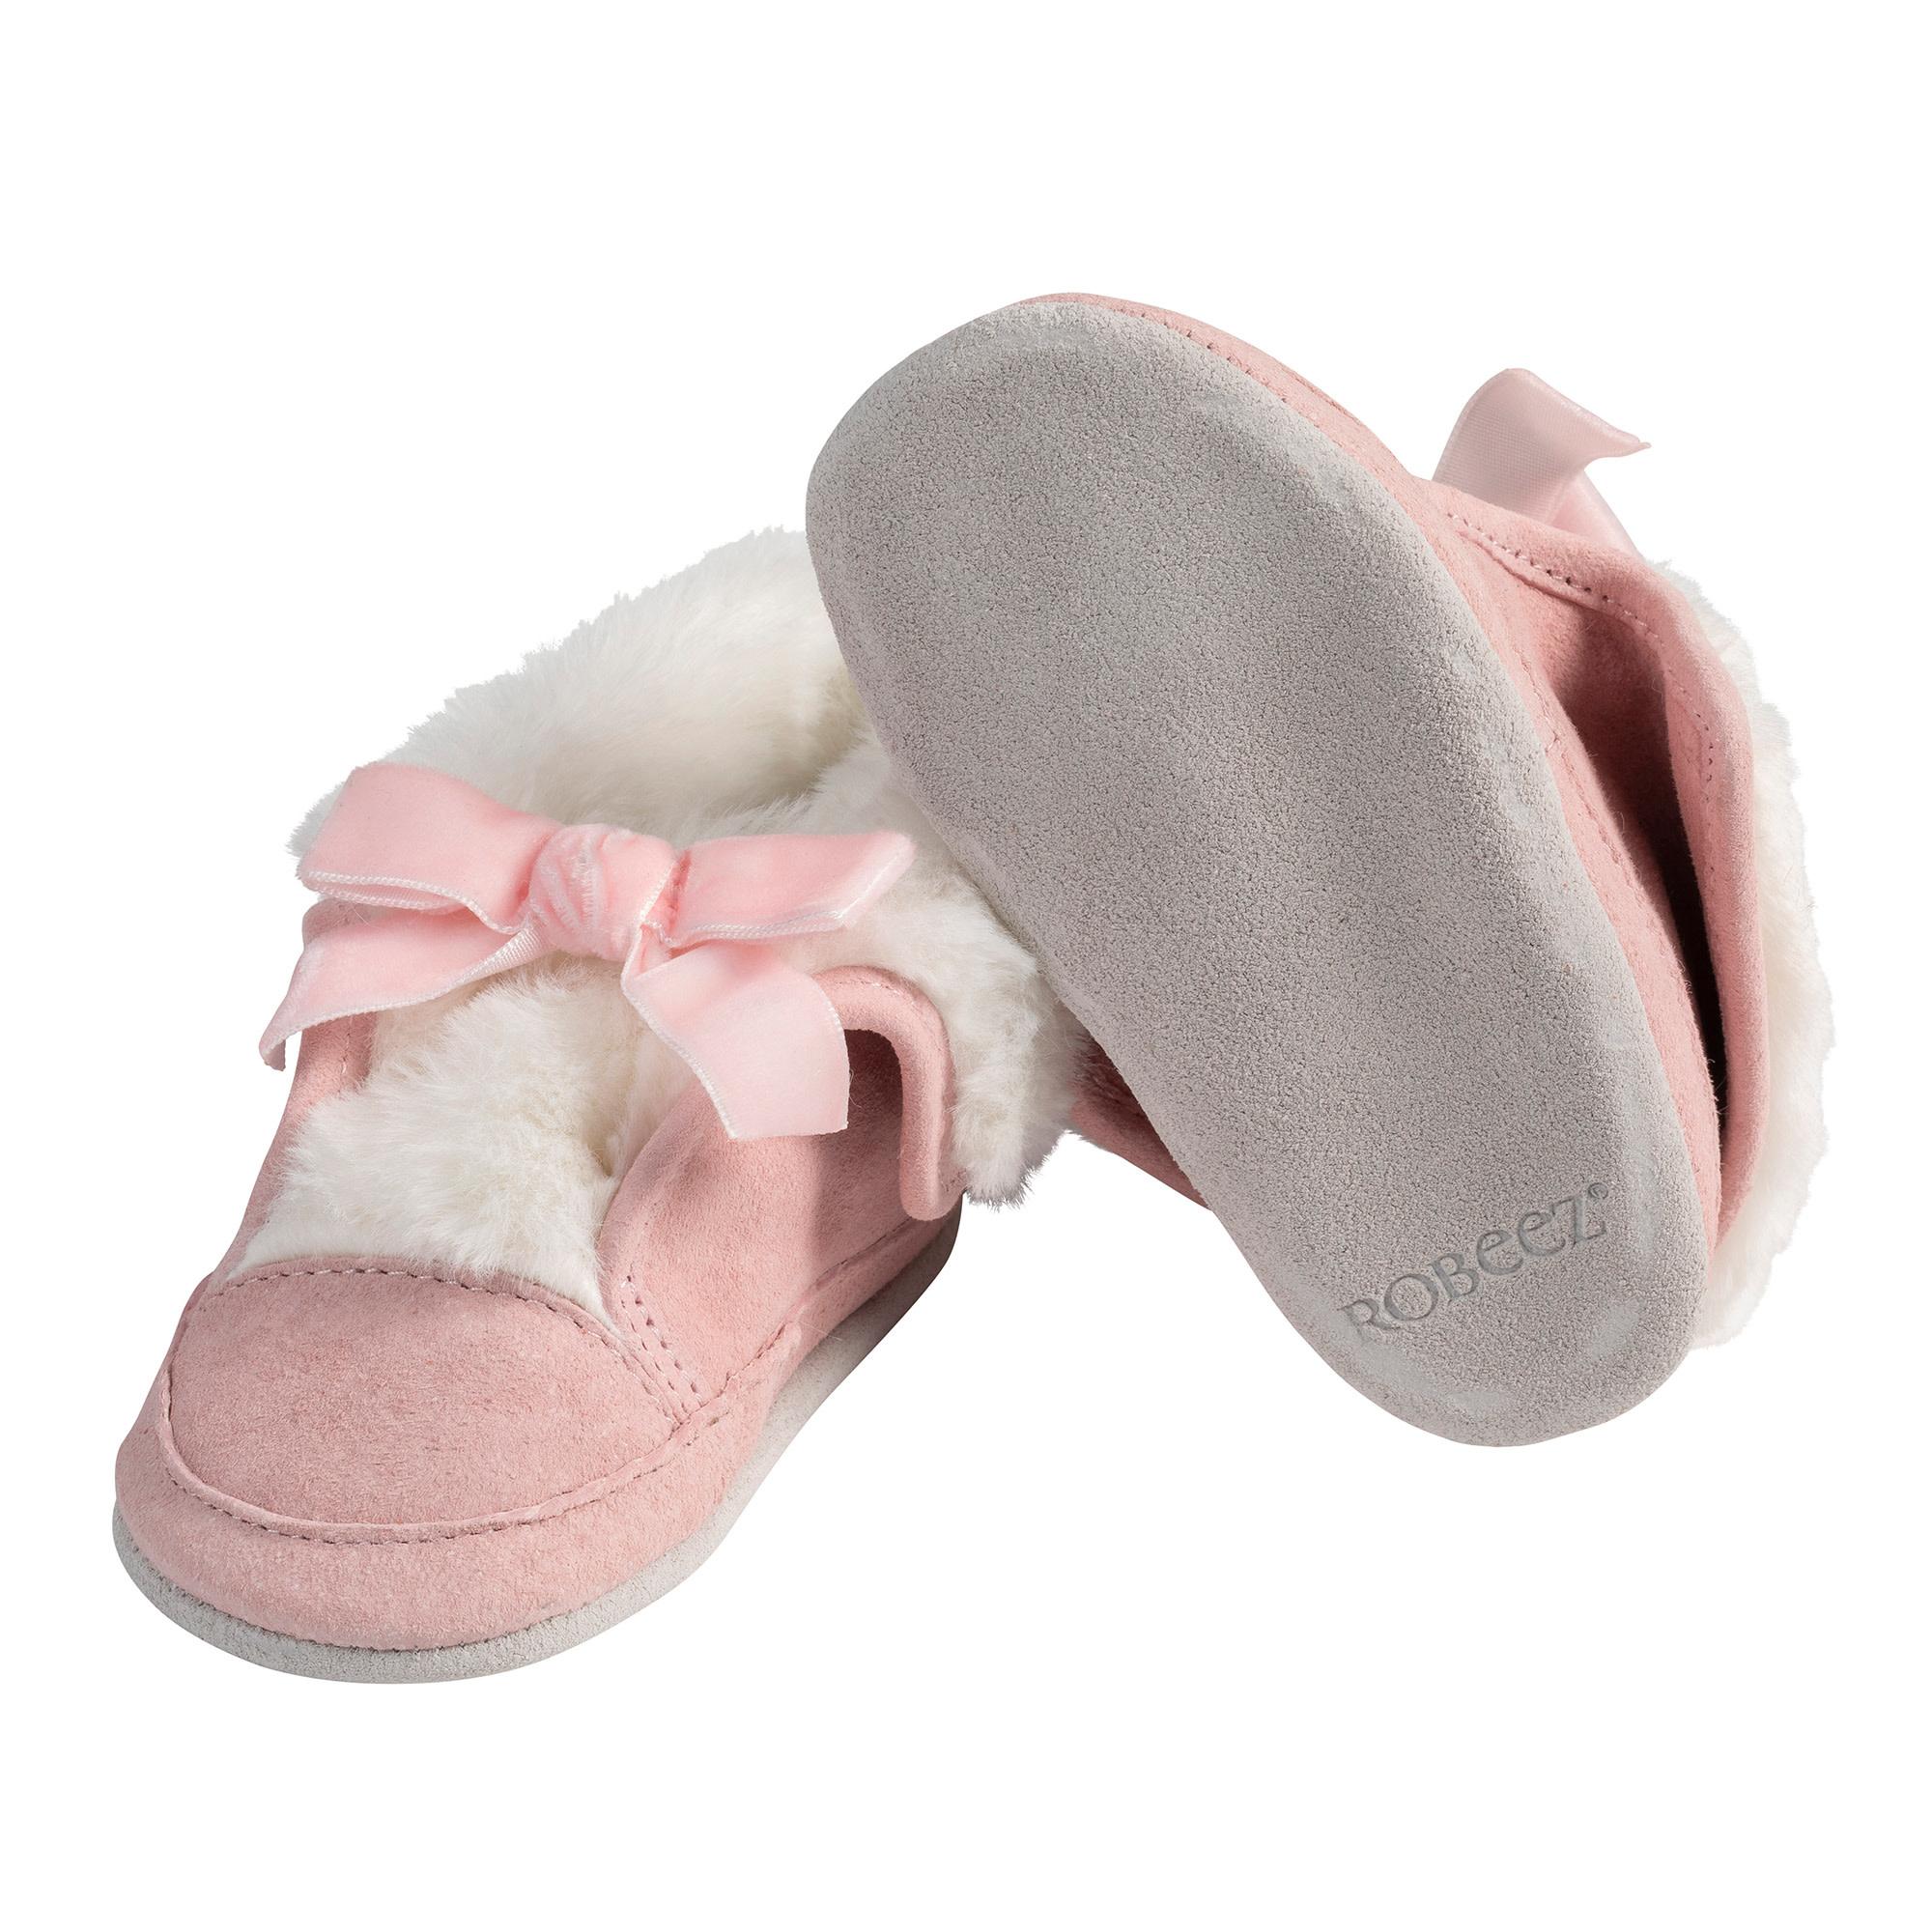 Willa Pink Robeez Shoes - Cozies